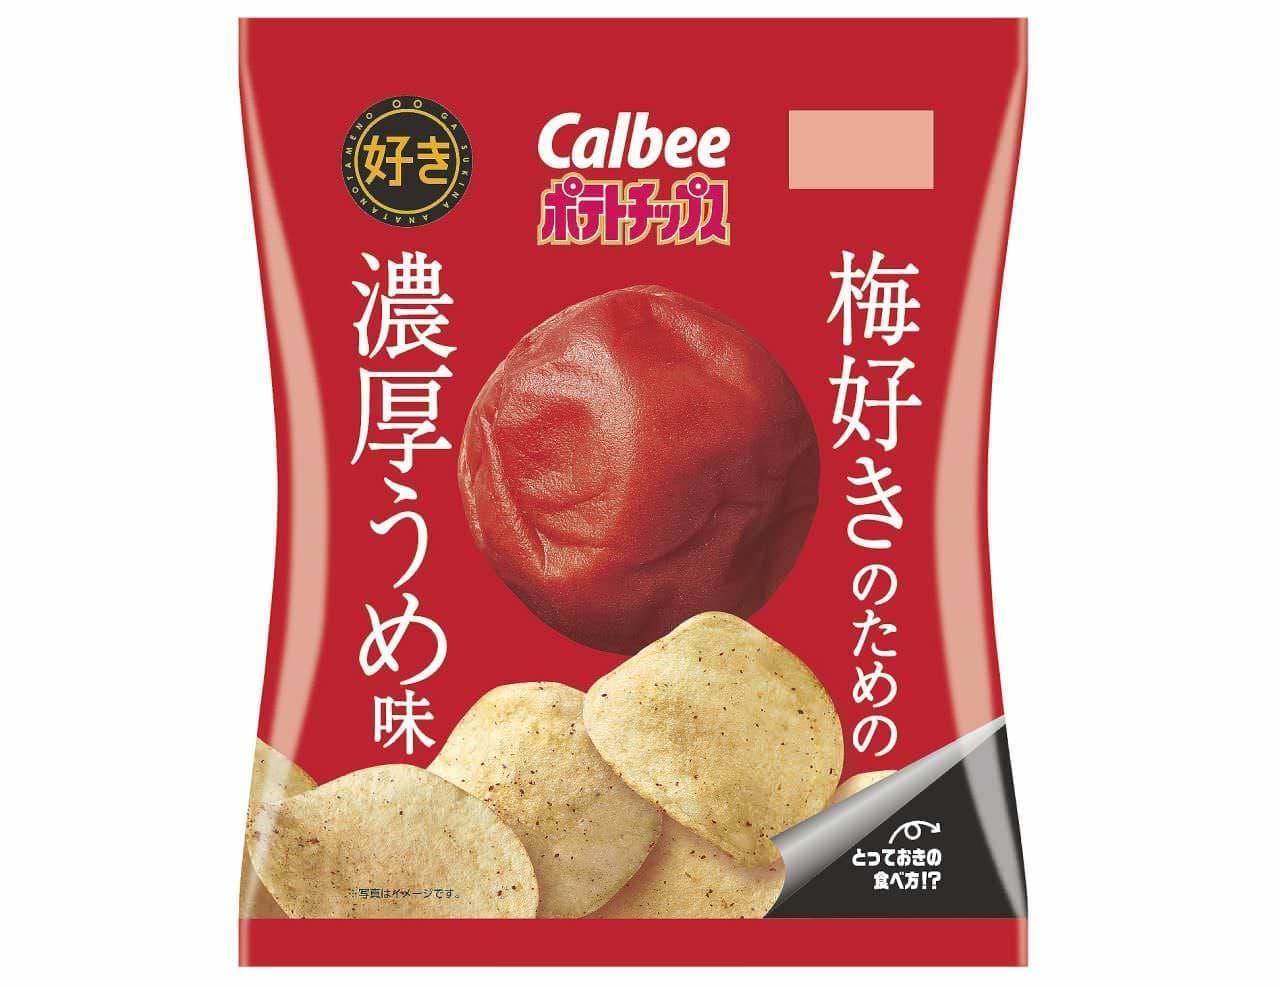 カルビー「ポテトチップス 梅好きのための濃厚うめ味」